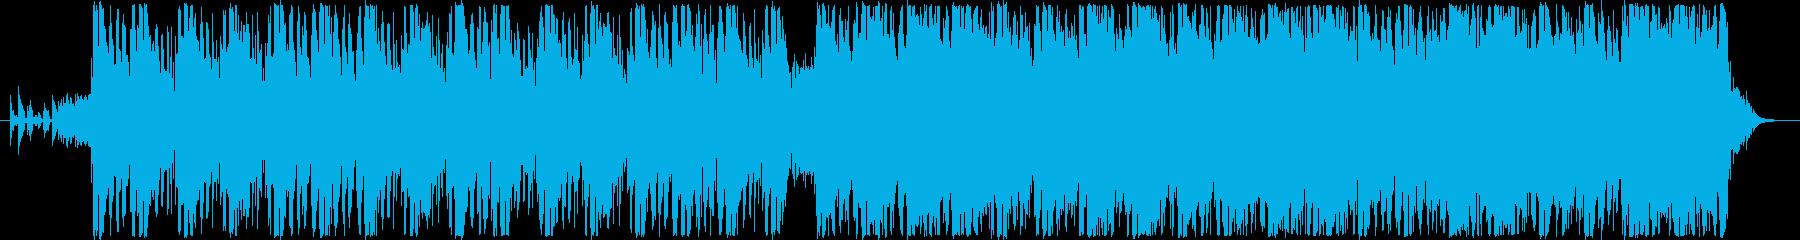 高級車CM荘厳な登場シーンに適すBGM の再生済みの波形